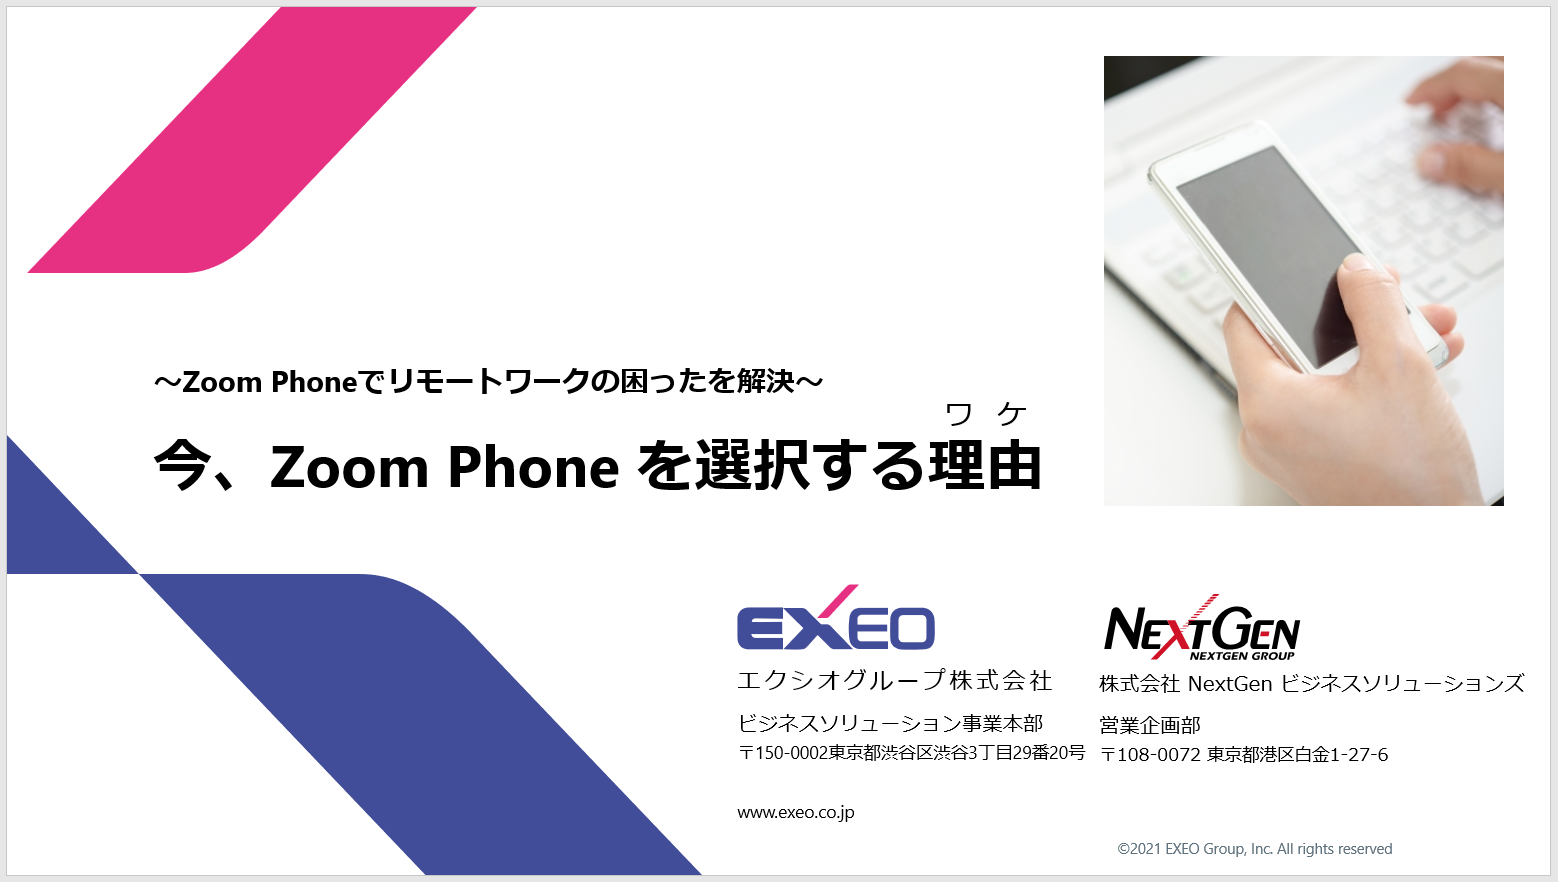 【資料ダウンロード】今、Zoom Phone を選択する理由